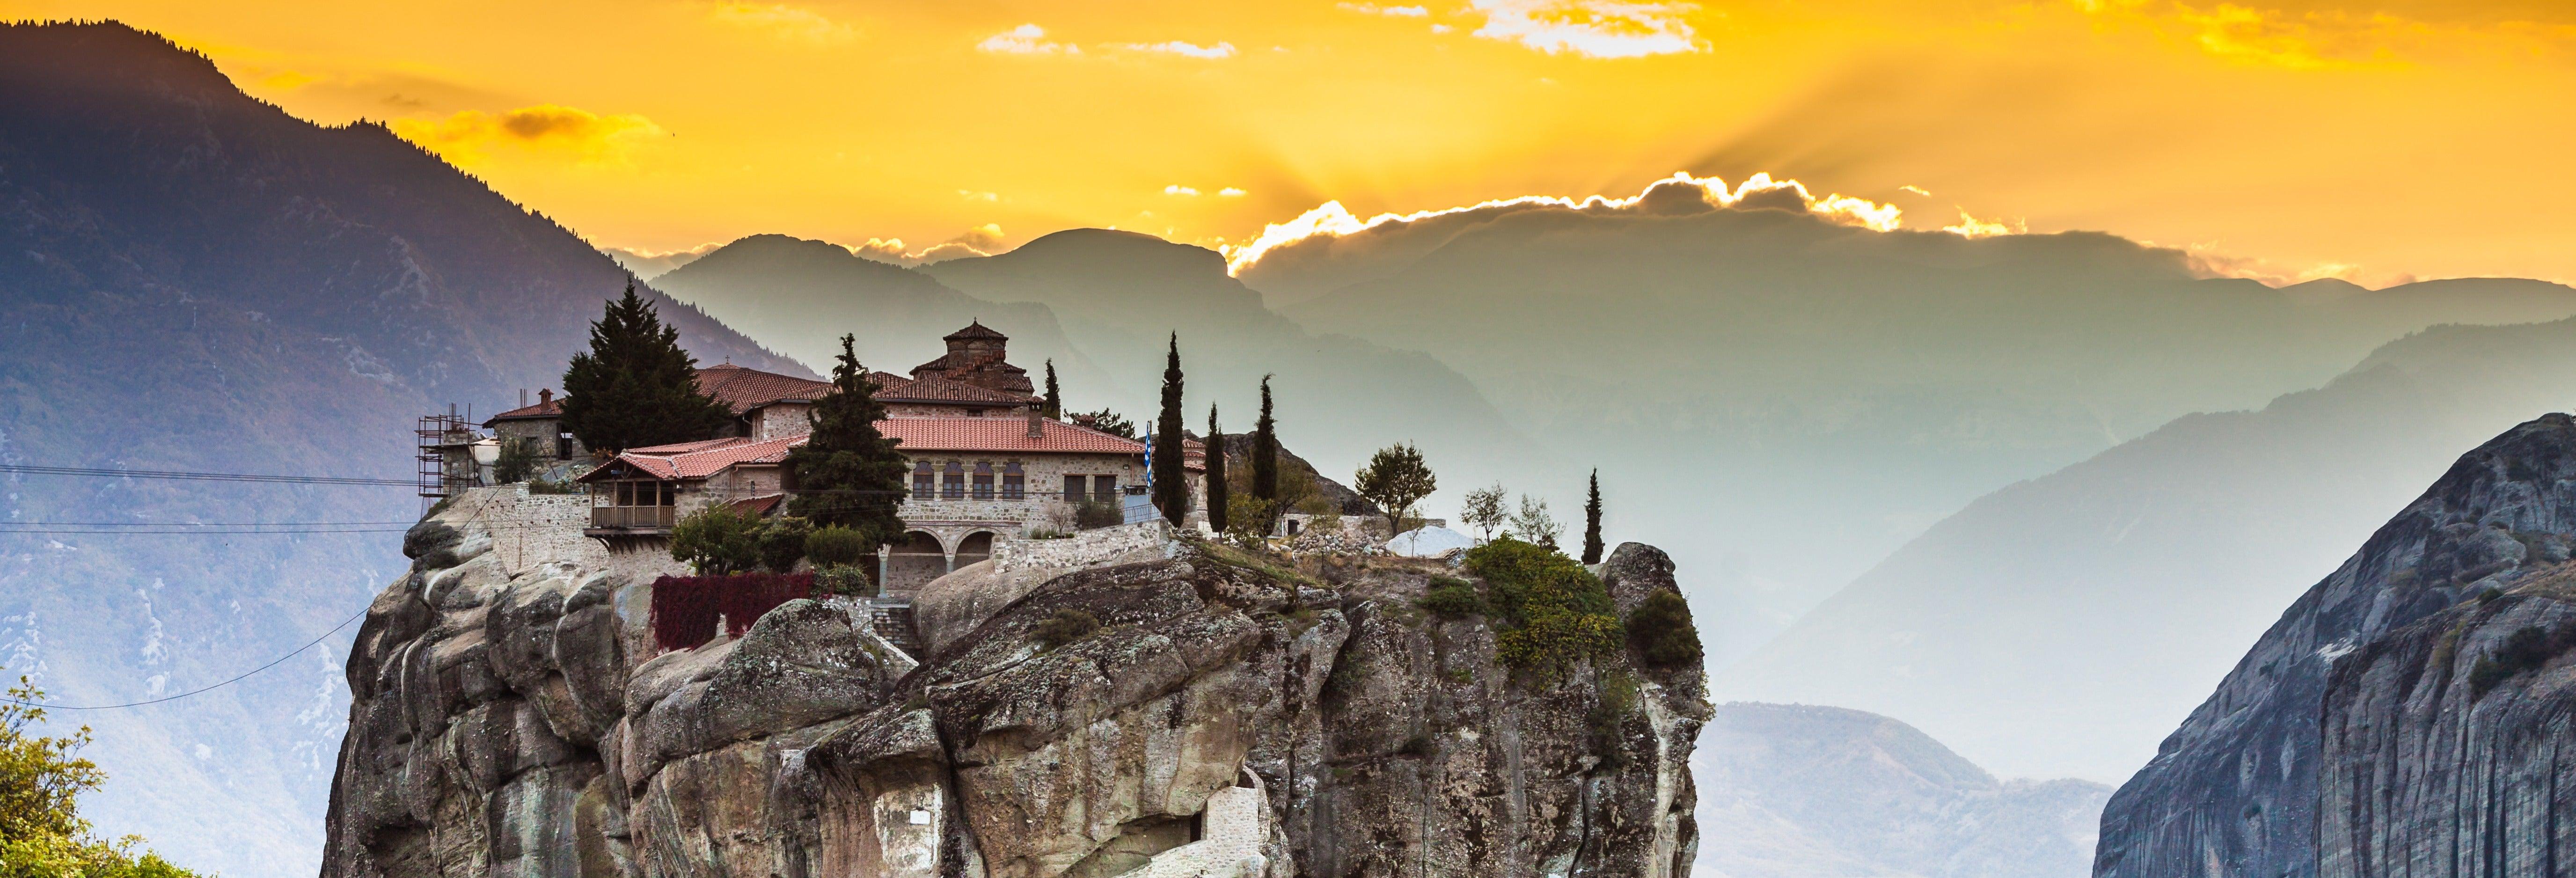 Excursión por Meteora al atardecer